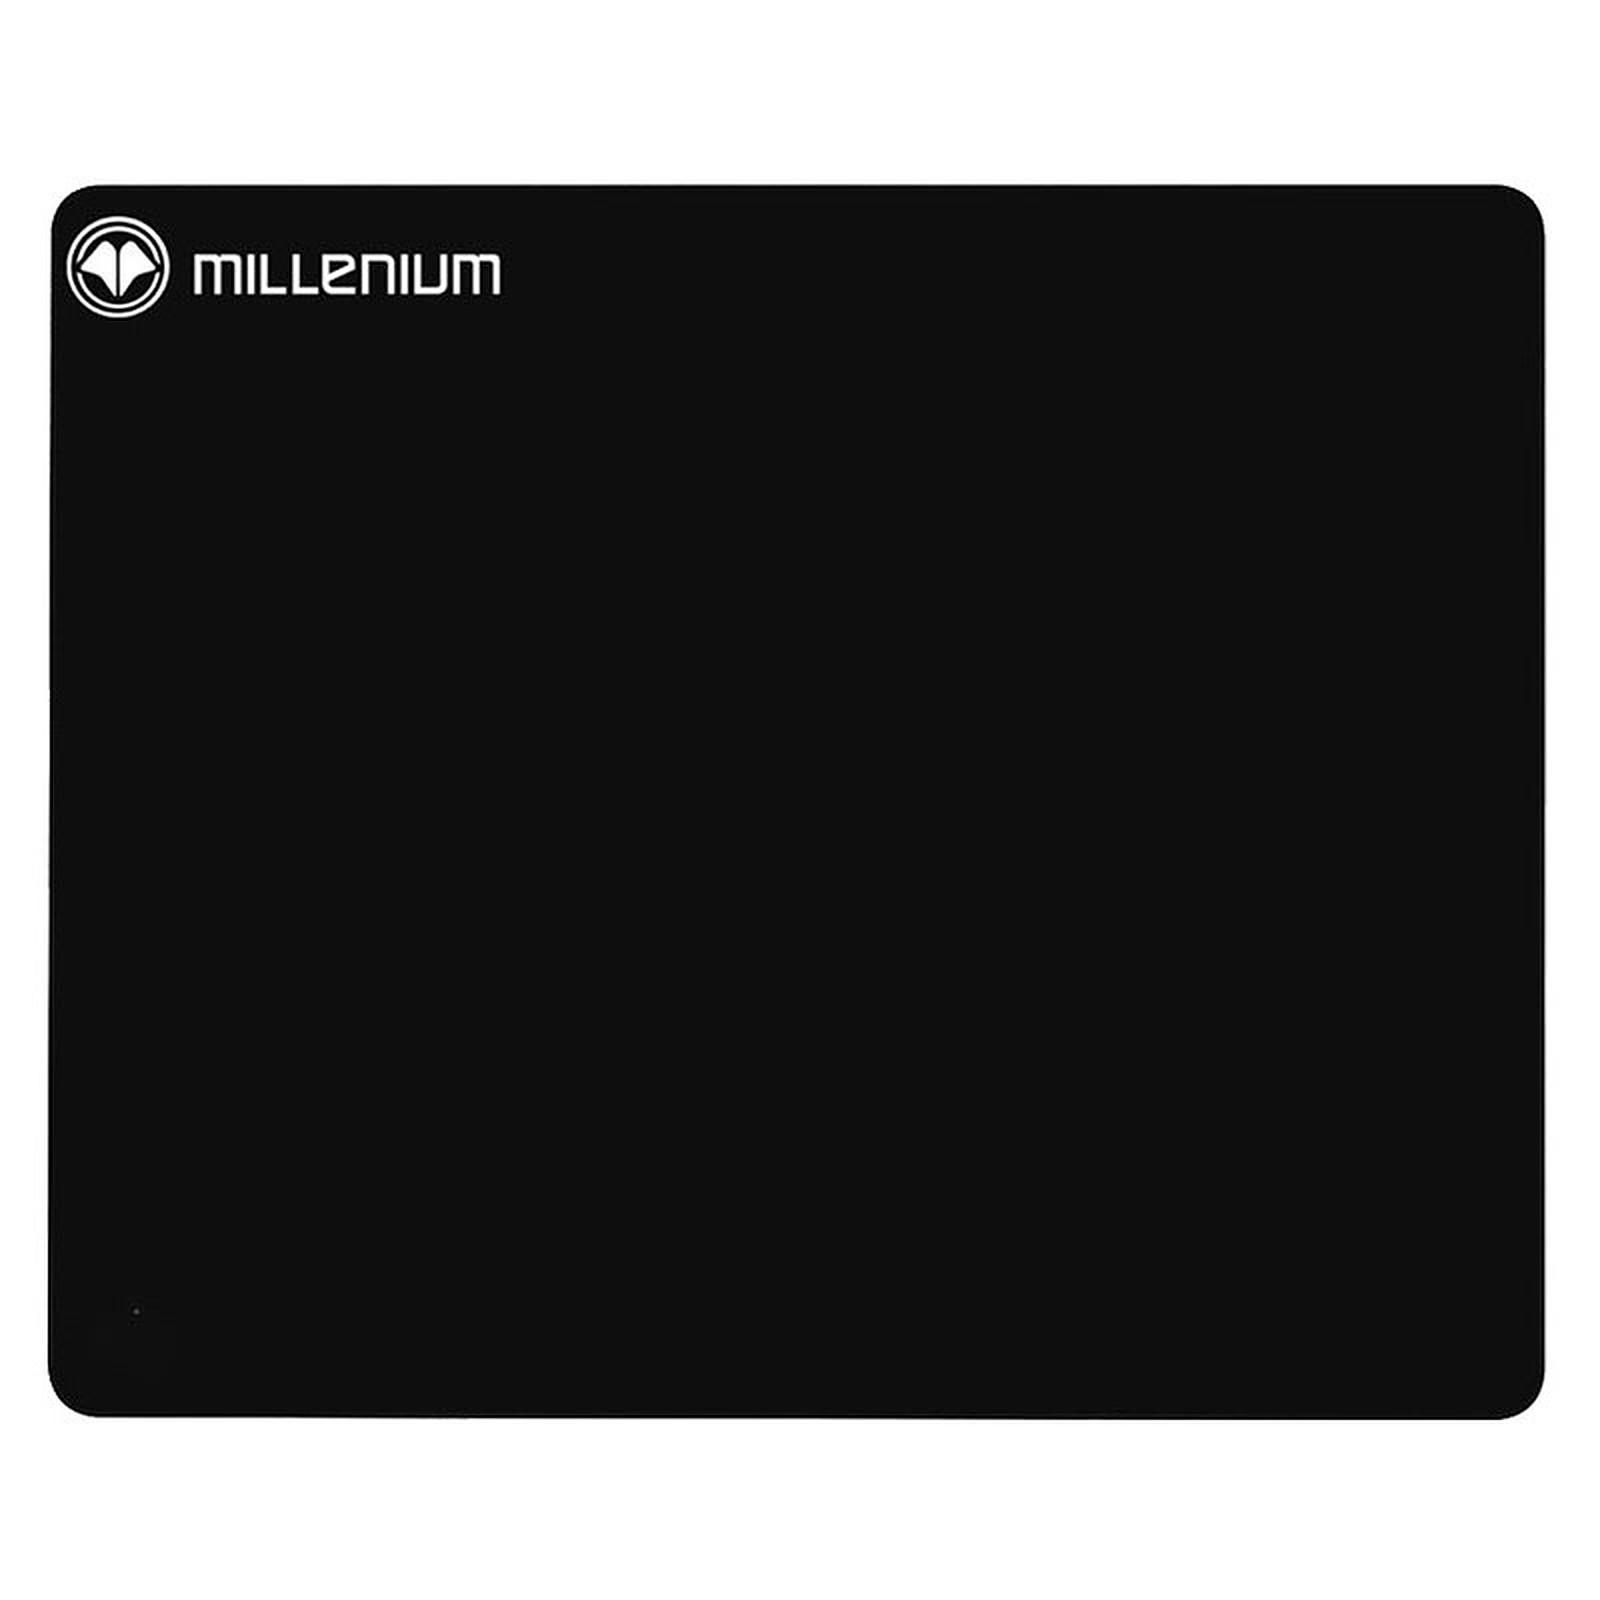 Tapis de souris Gamer Millenium Surface L (400x450x3 mm),Informatique Réunion 974